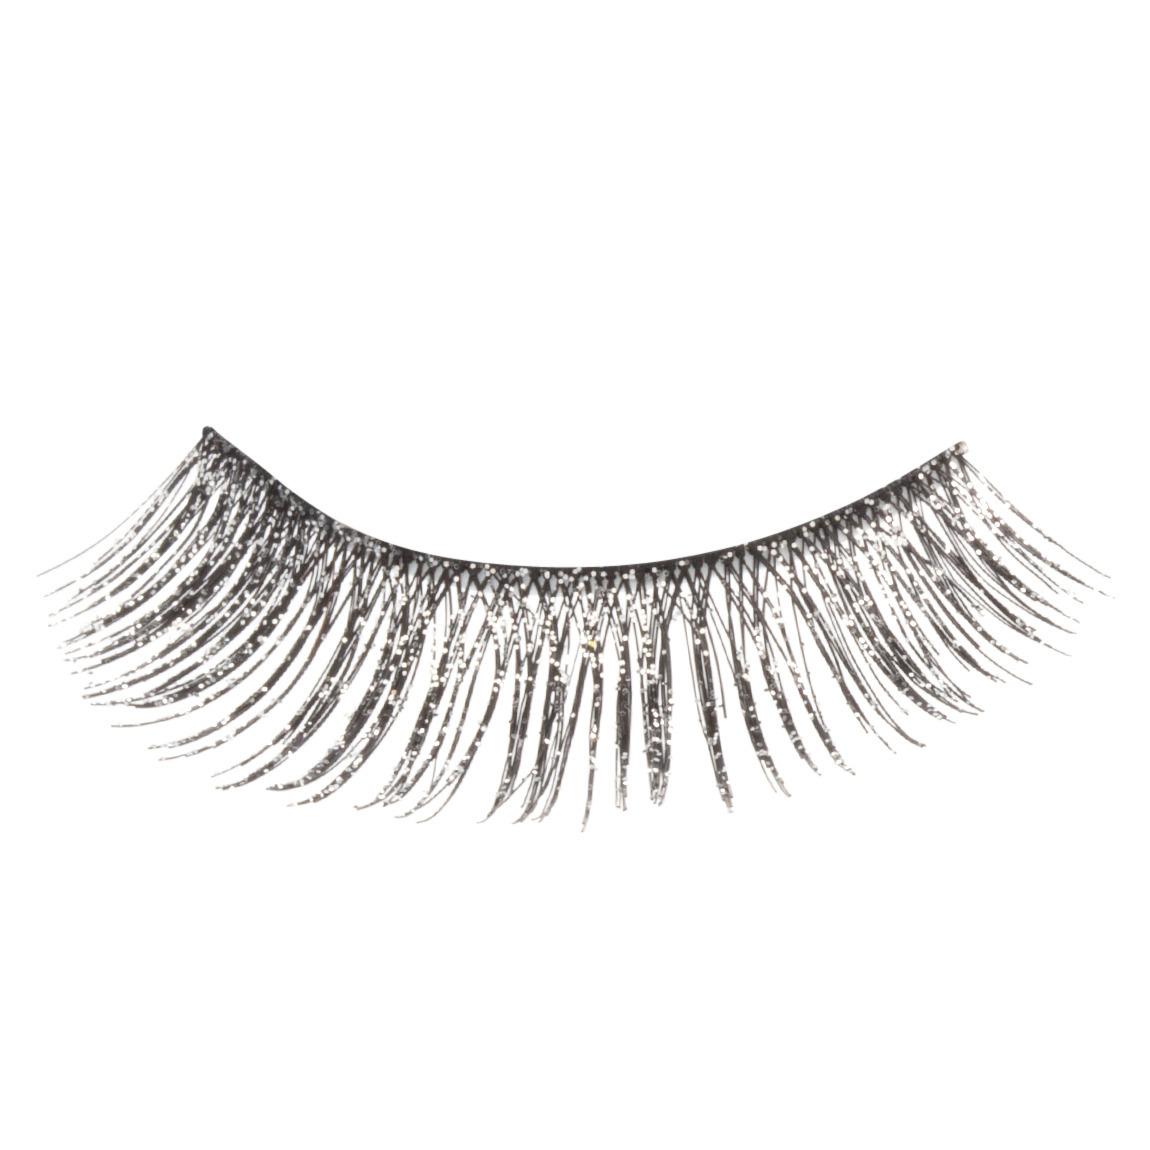 Inglot Cosmetics Eyelashes 12N product swatch.